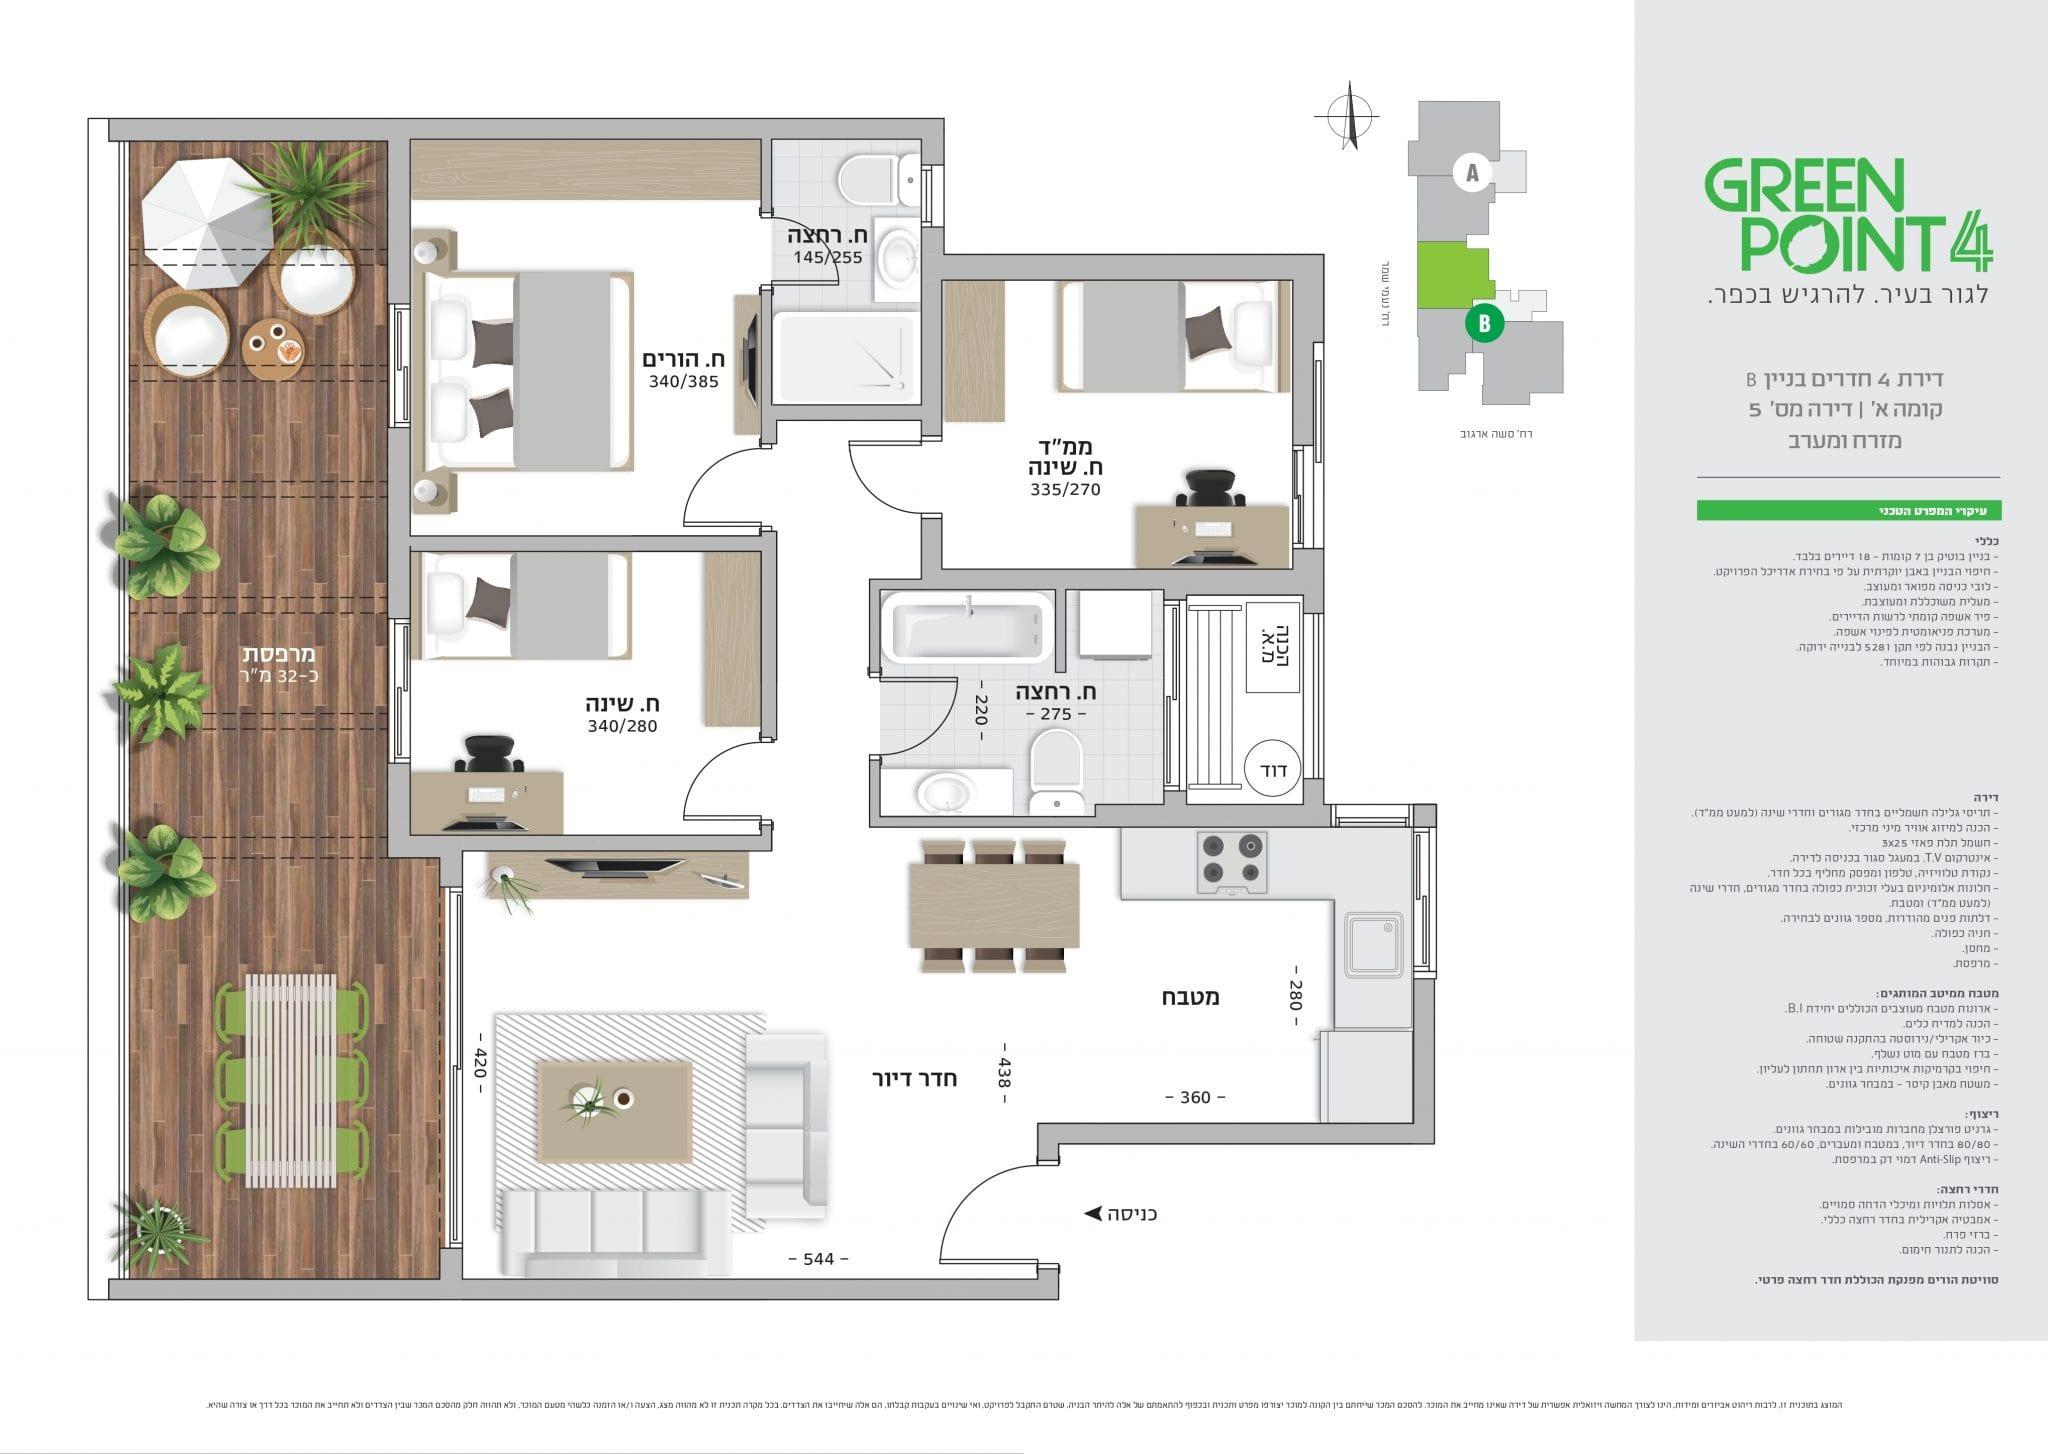 דירת 4 חדרים עם מרפסת גדולה